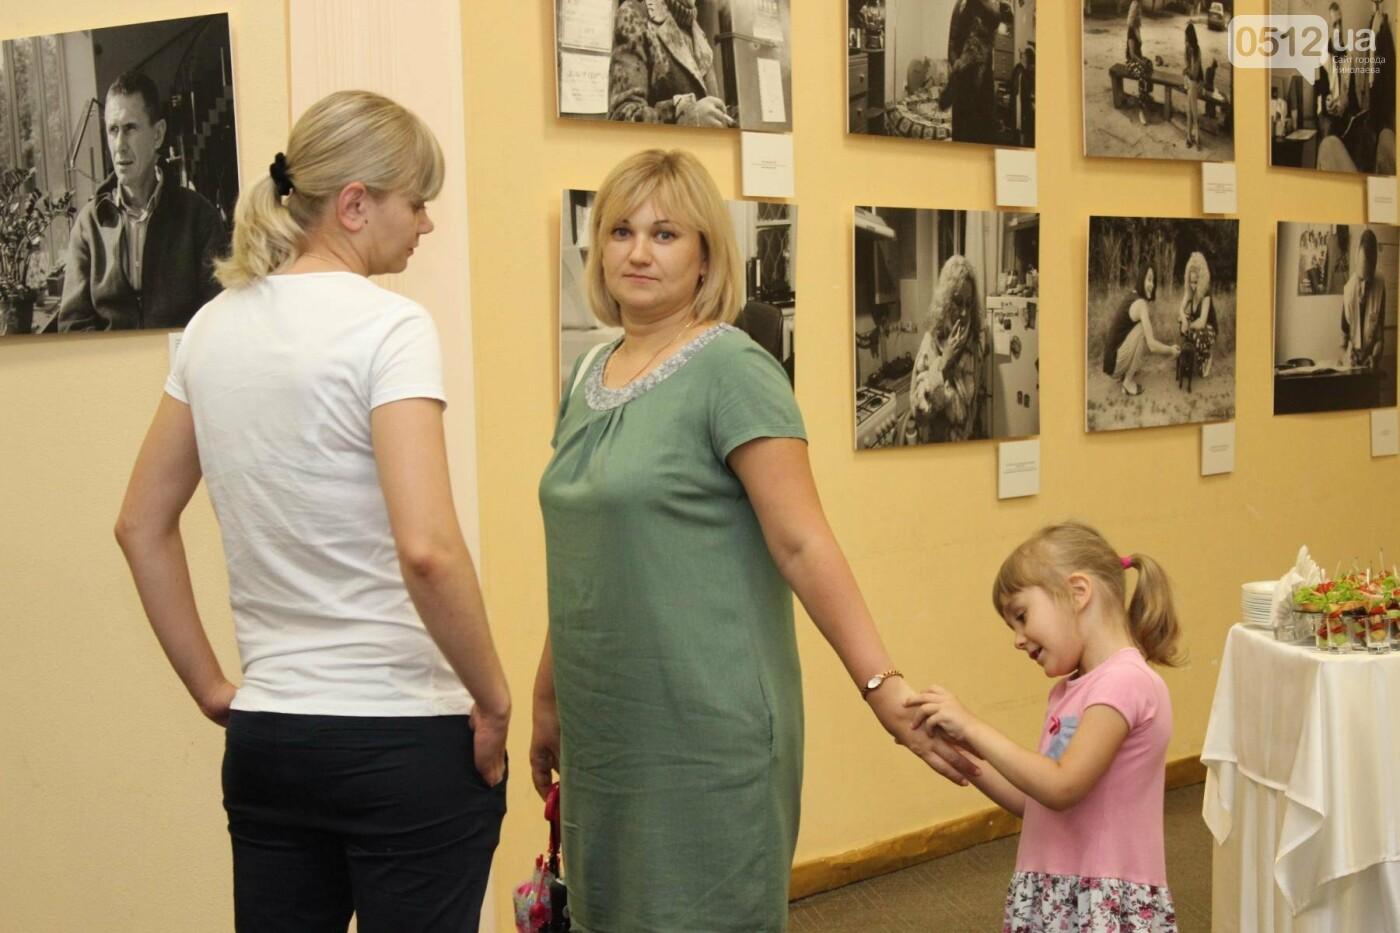 В Николаеве прошла фото-выставка людей, которые борются за жизнь, - ФОТО, фото-8